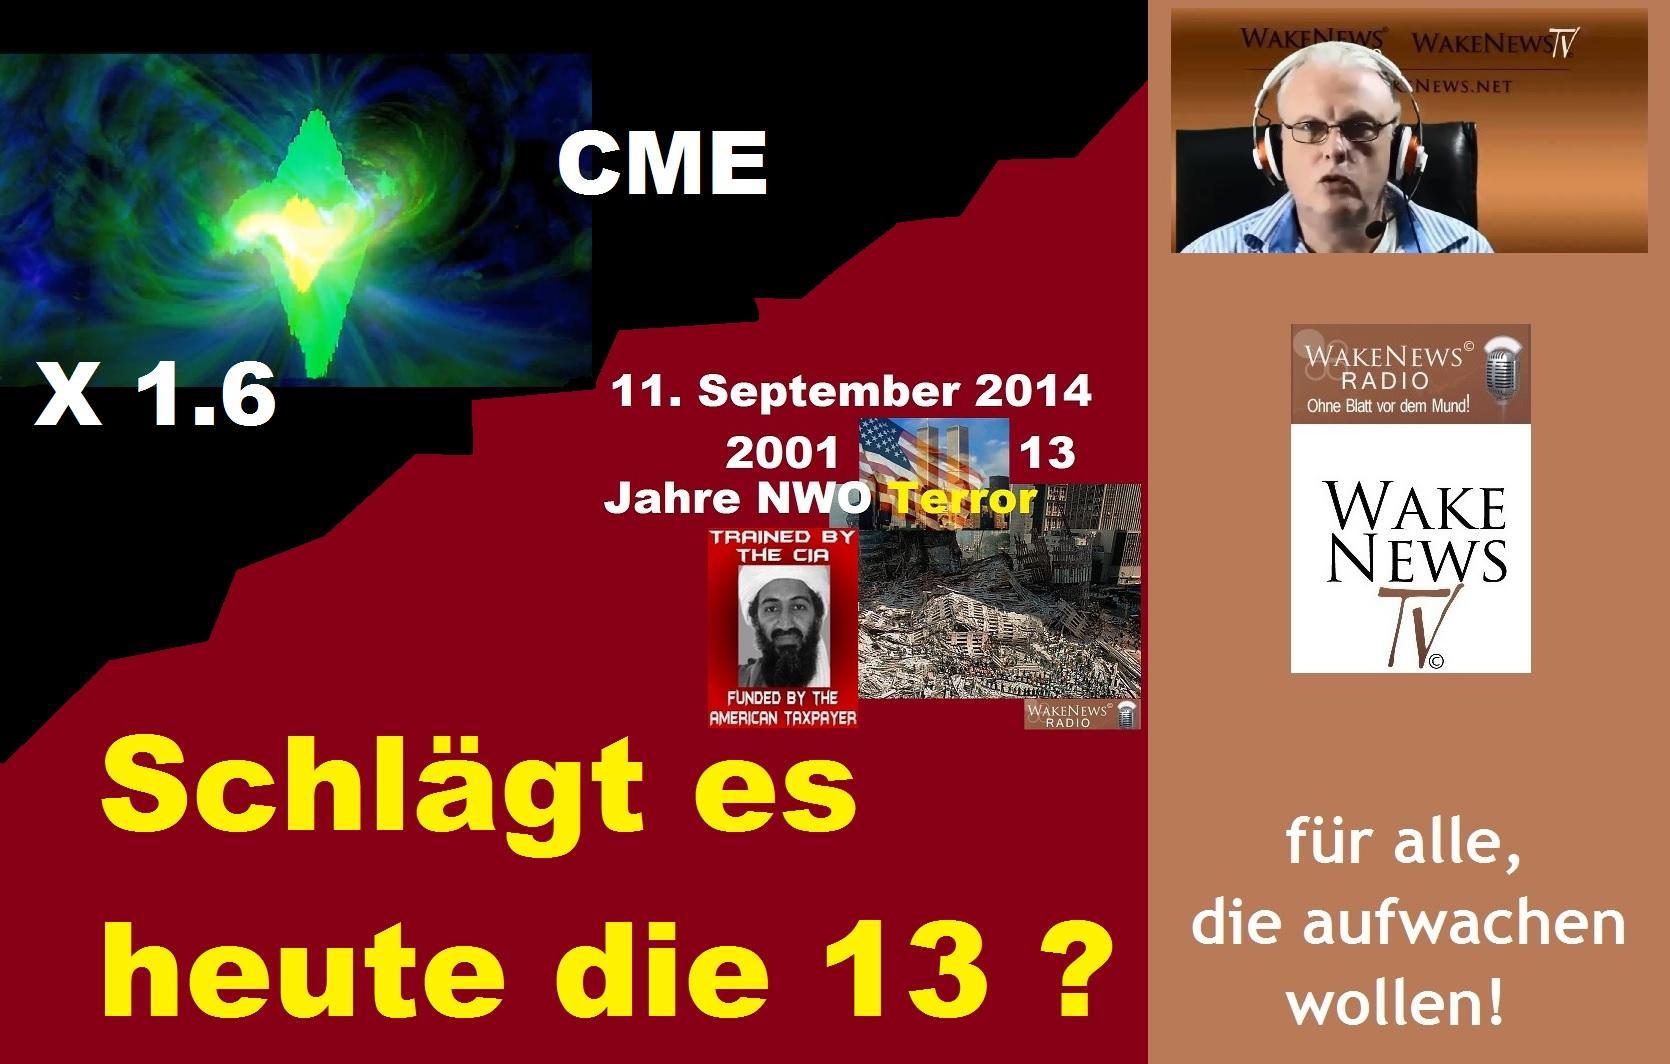 Schlägt es heute die 13 - 11. September 2014